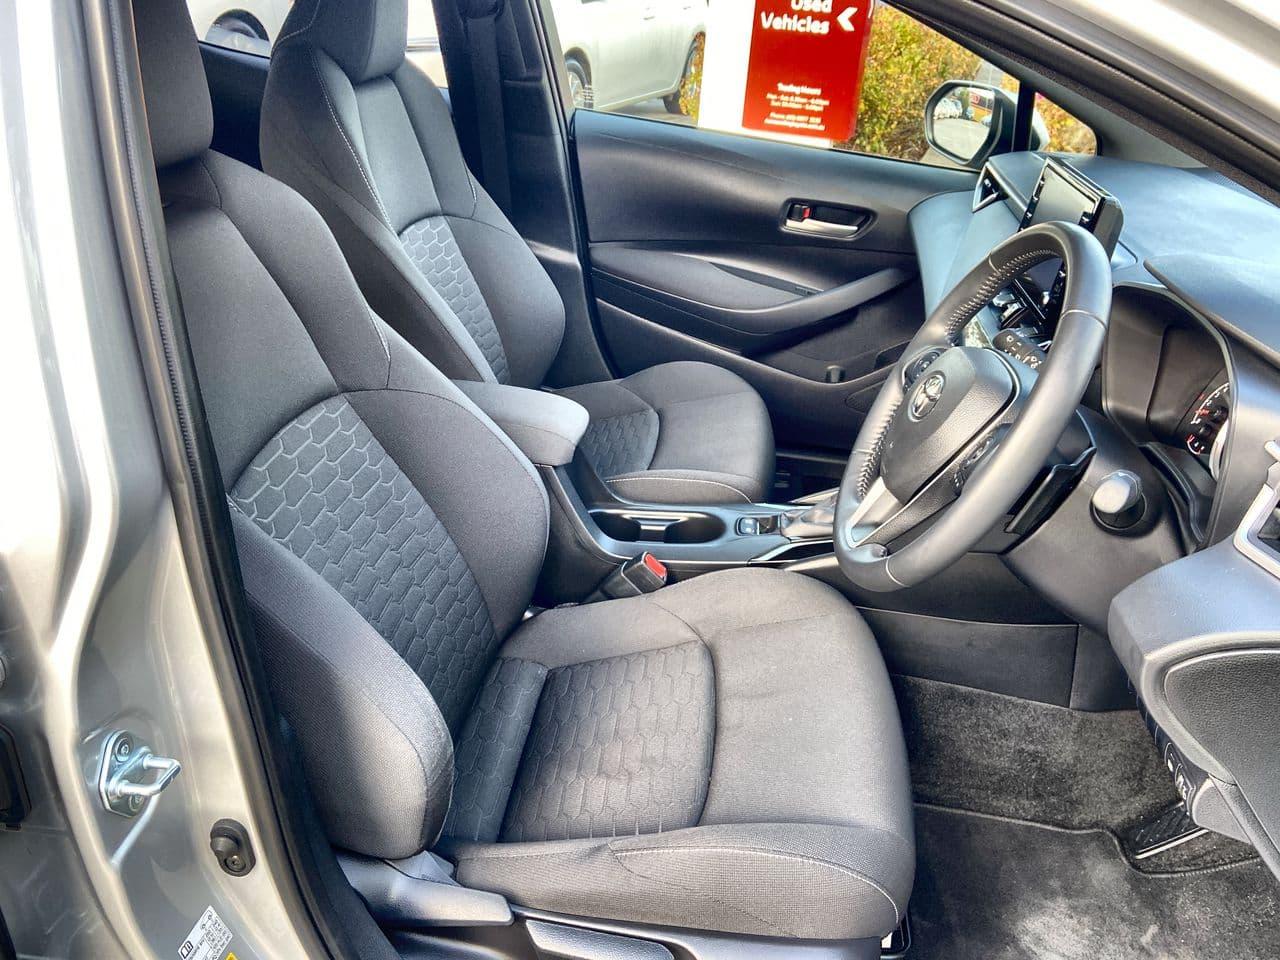 2018 Toyota Corolla SX Auto - image 14